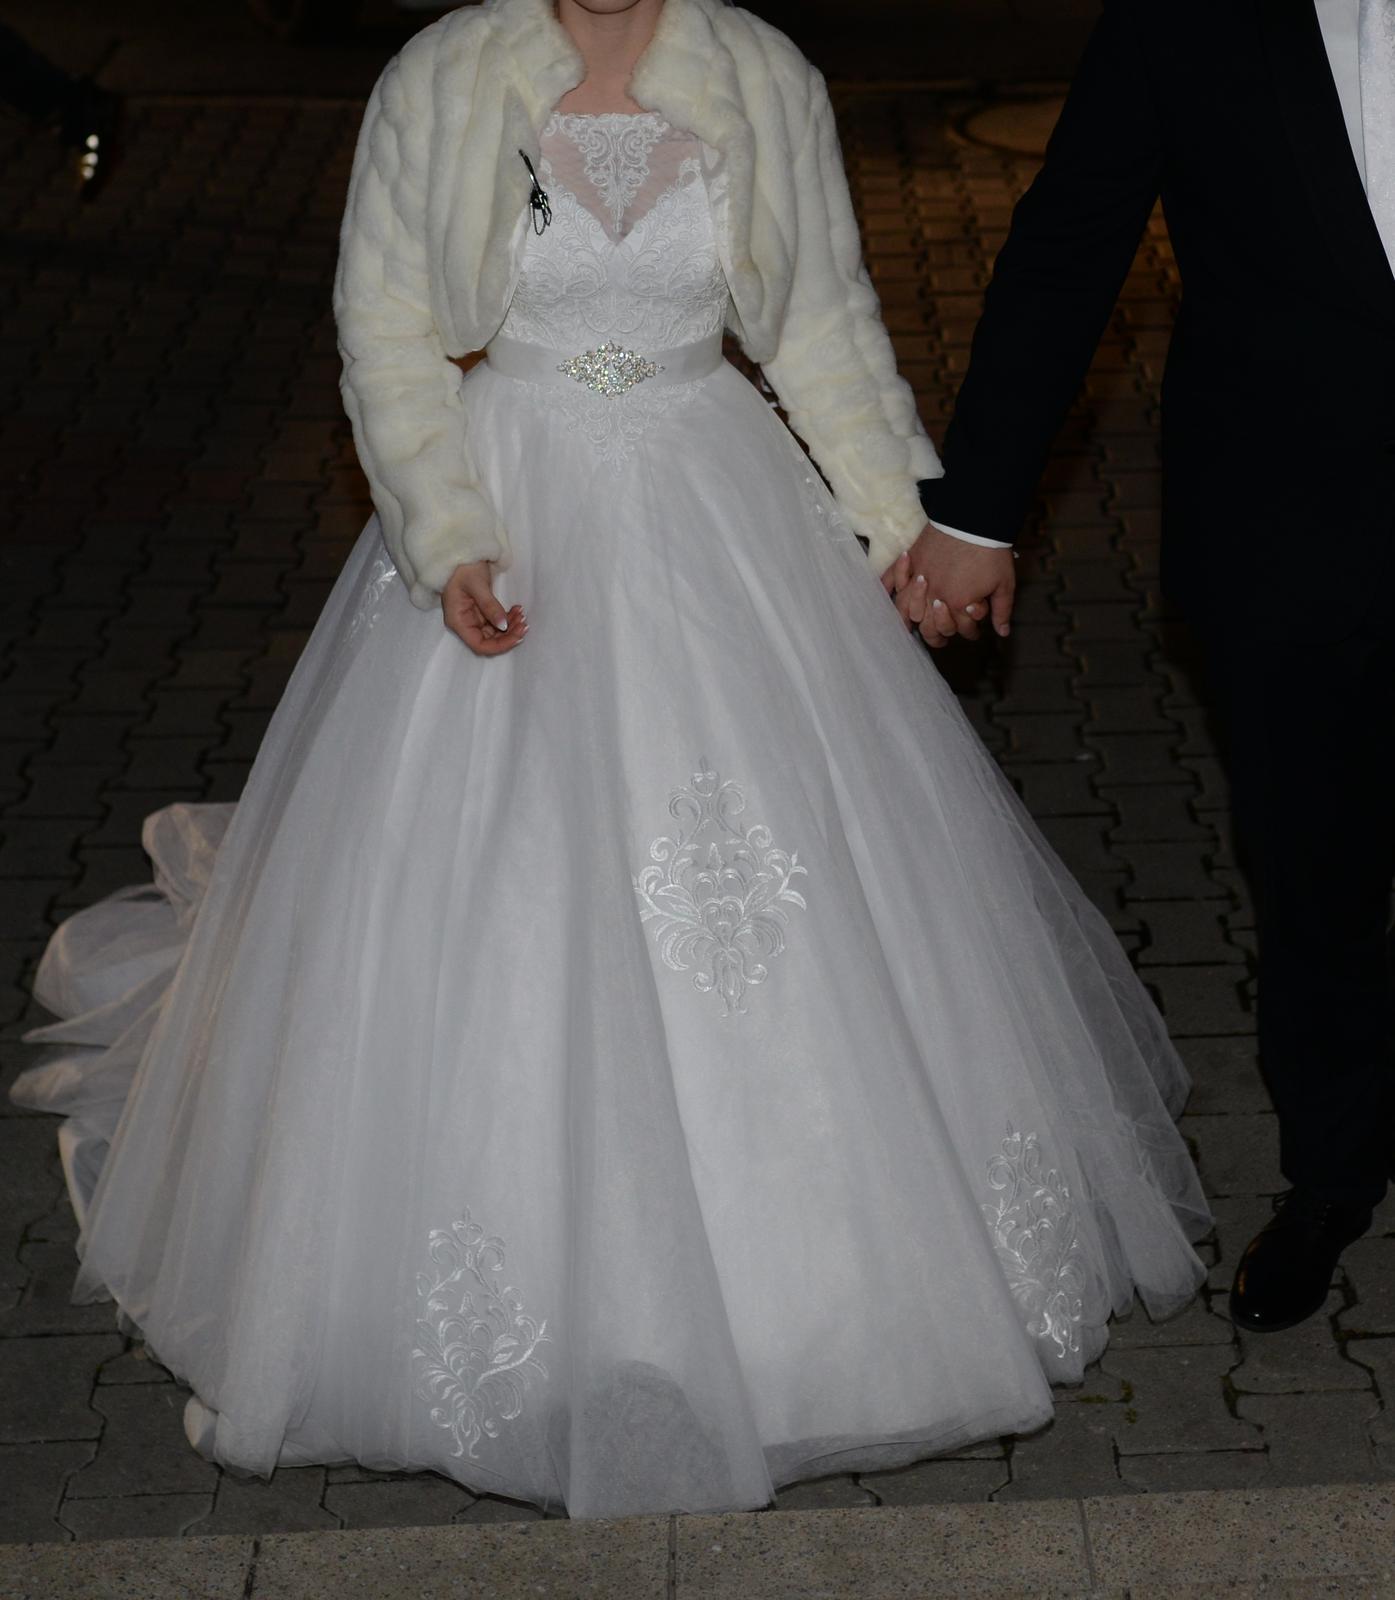 Svadobné šaty 36-38 - Obrázok č. 3